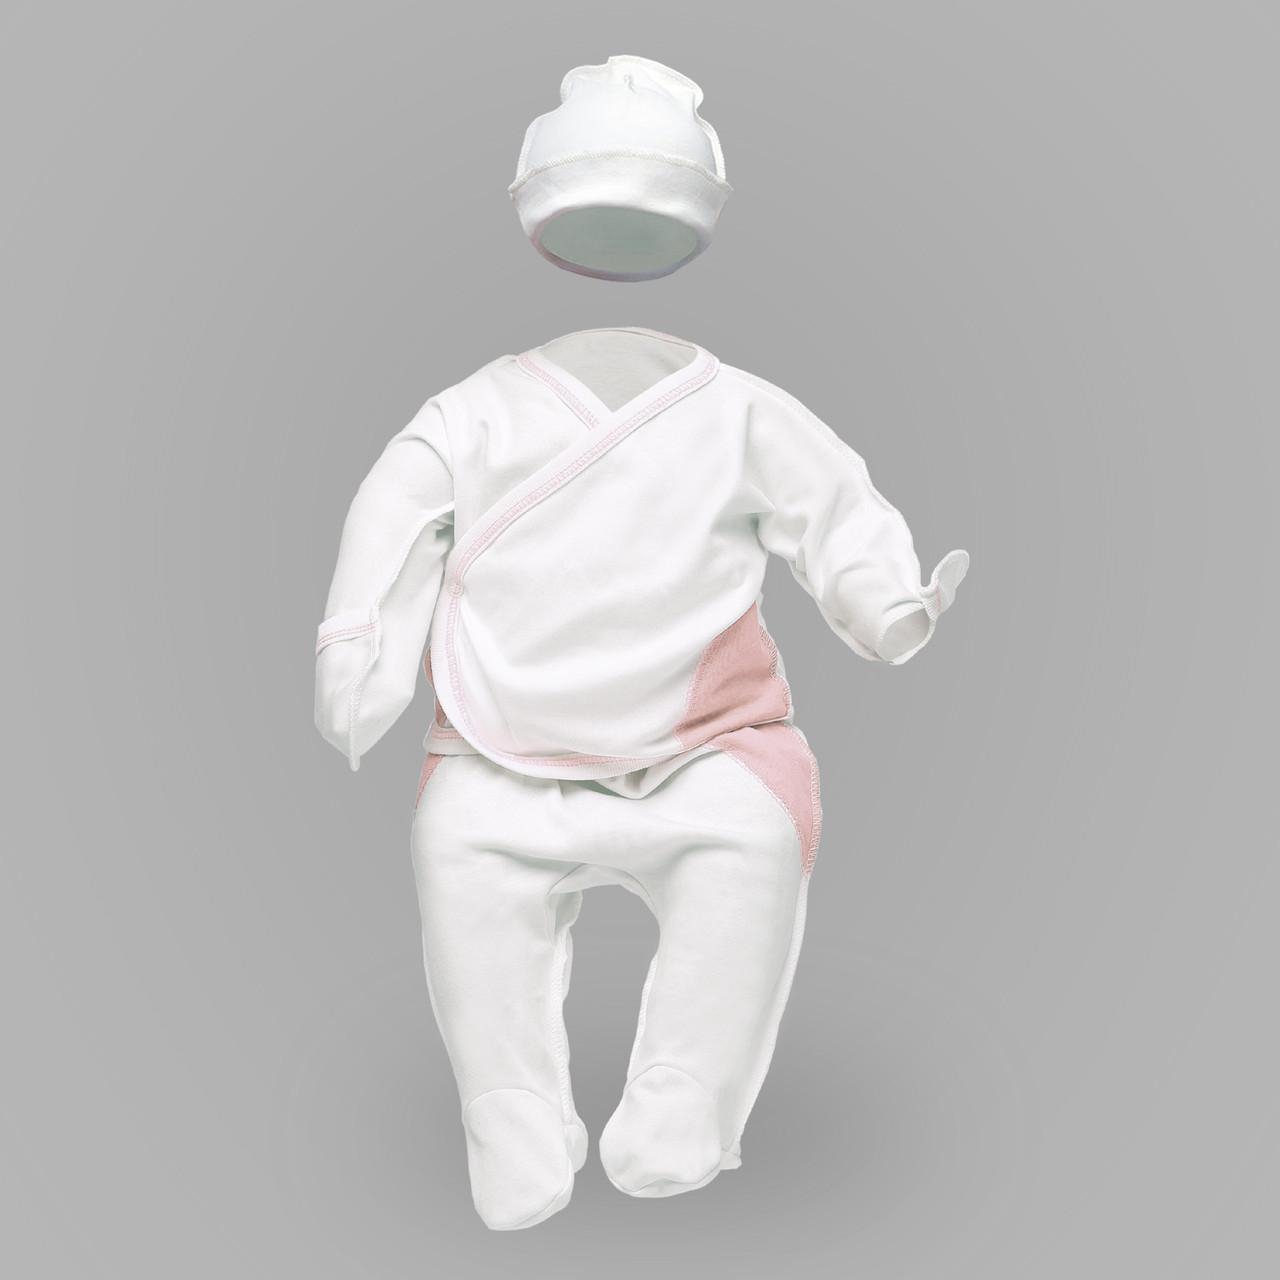 Комплект для новорожденных с розовыми подрезами: распашонка, ползунки и шапка | Комплект для новонароджених